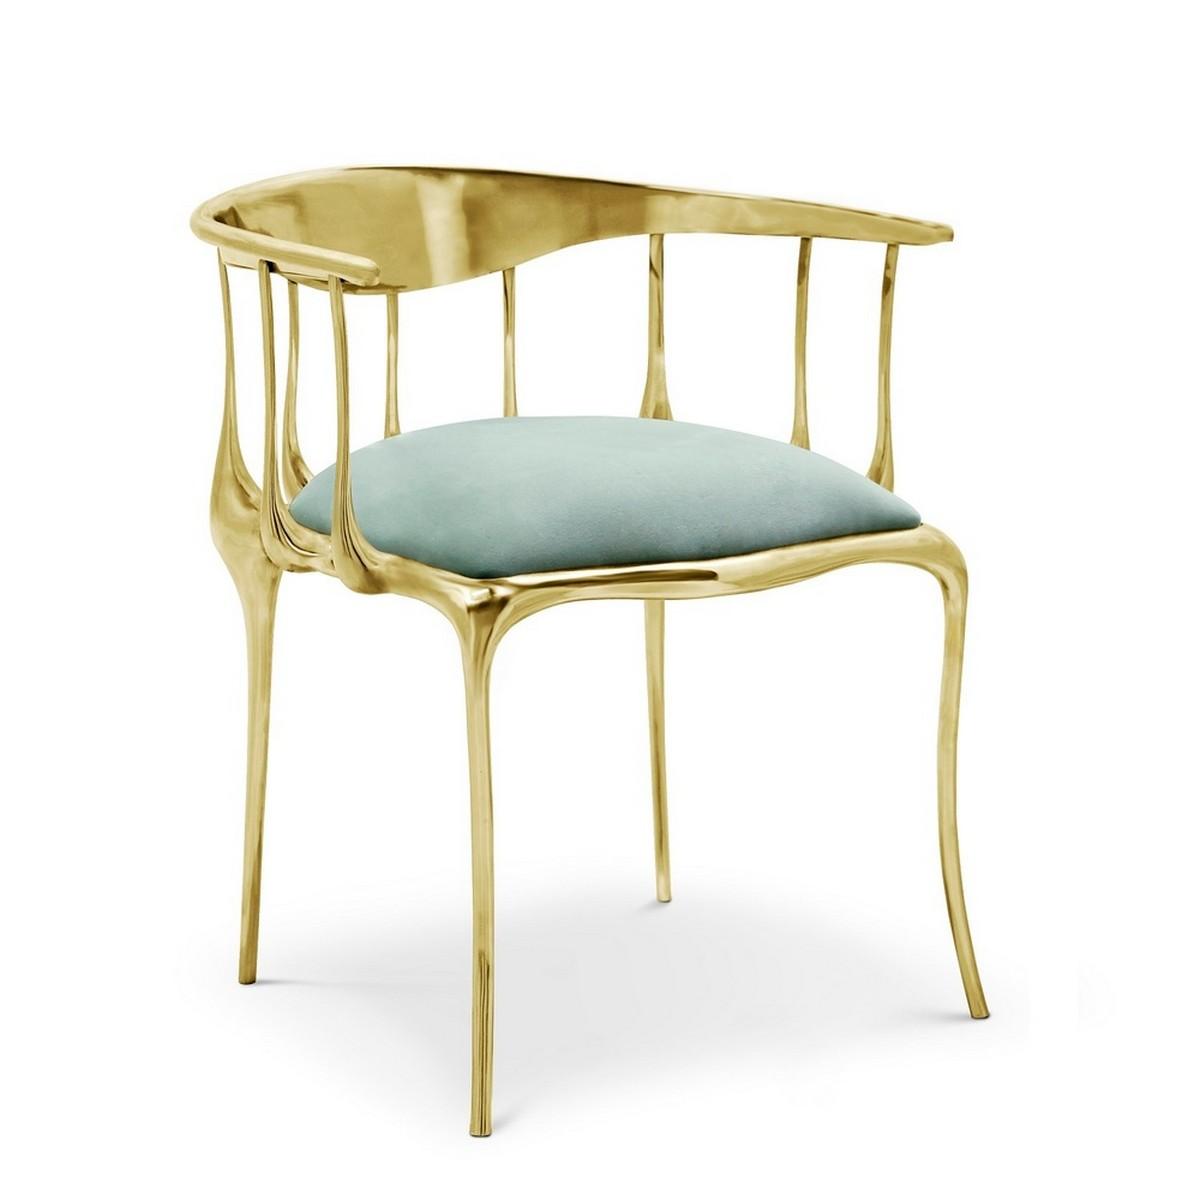 Top Velvet Dining Chairs (Part II) velvet dining chairs Top Velvet Dining Chairs (Part II) n11